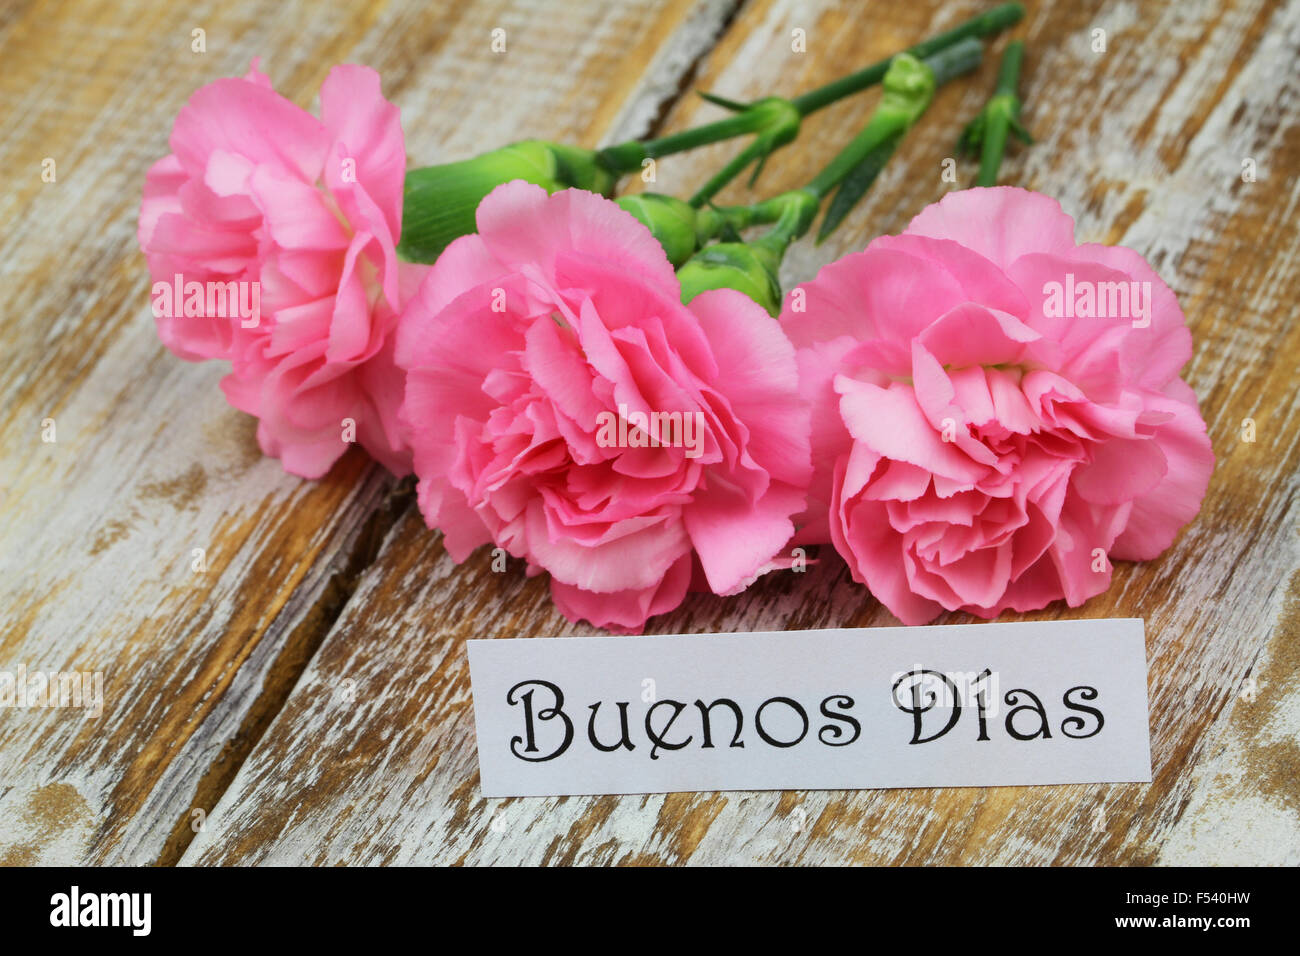 Buenos Dias Guten Morgen In Spanisch Karte Mit Rosa Nelken